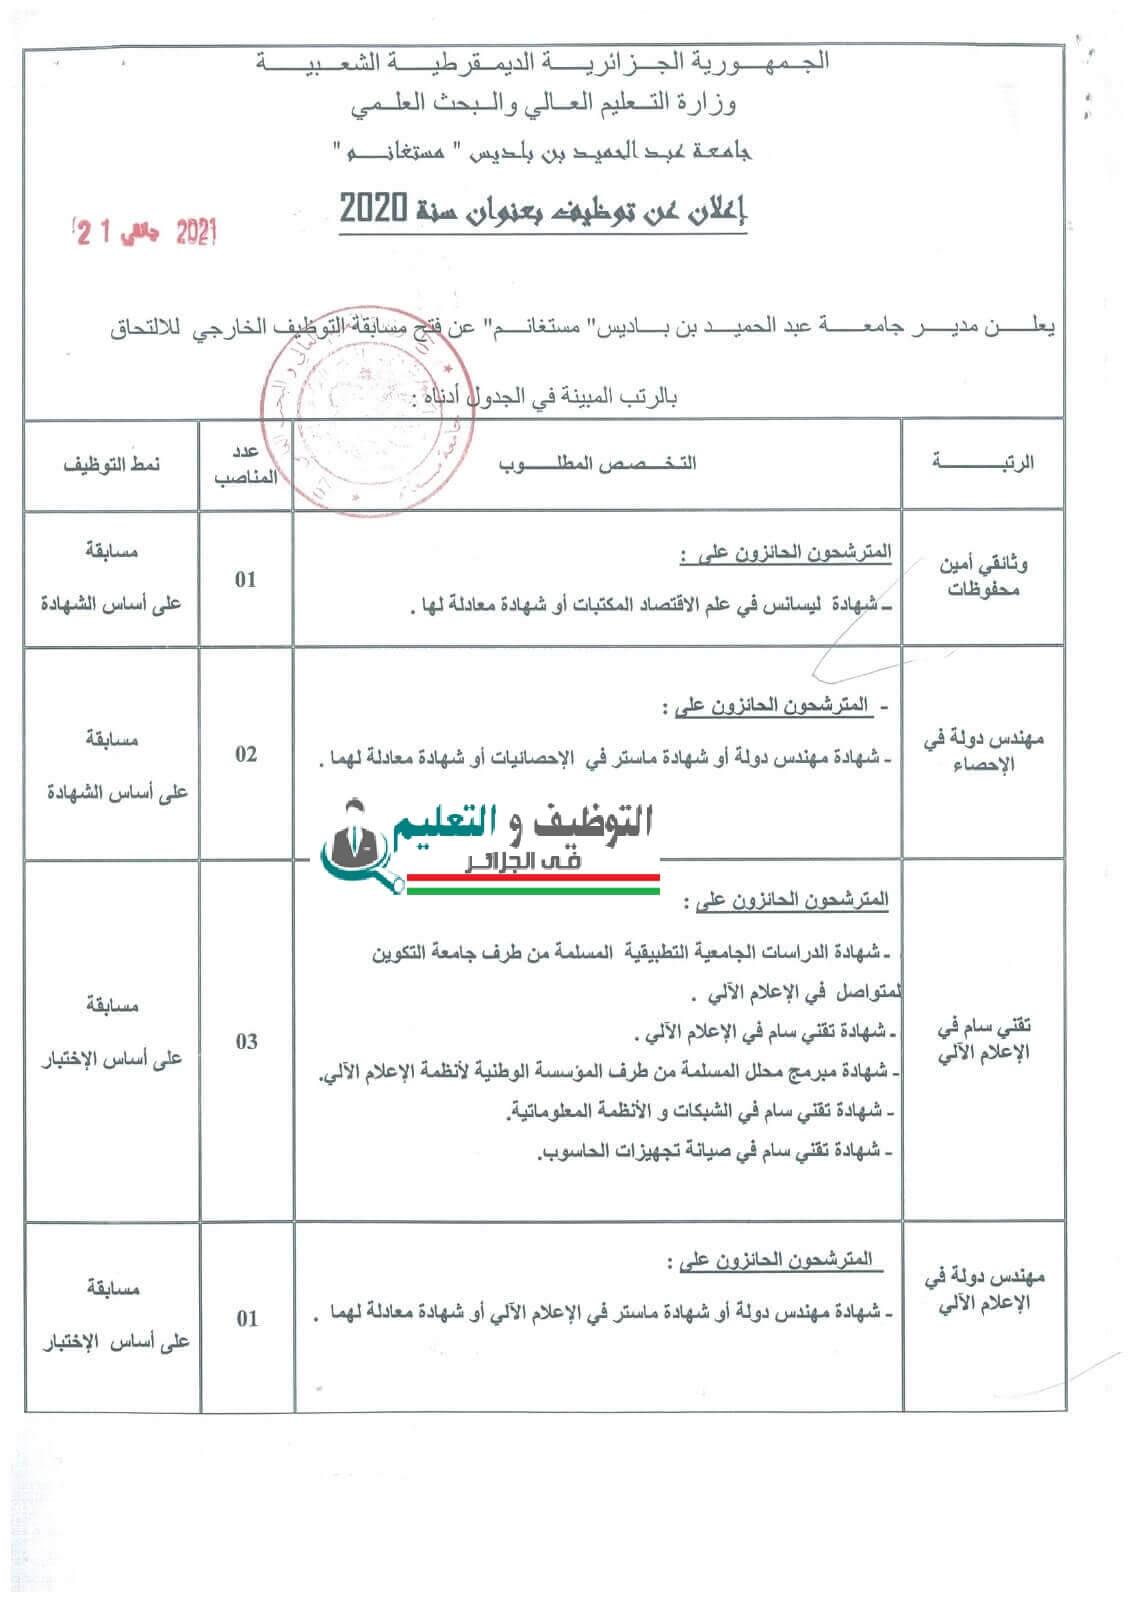 اعلان توظيف بجامعة عبد الحميد بن باديس بمستغانم 24 جانفي 2021